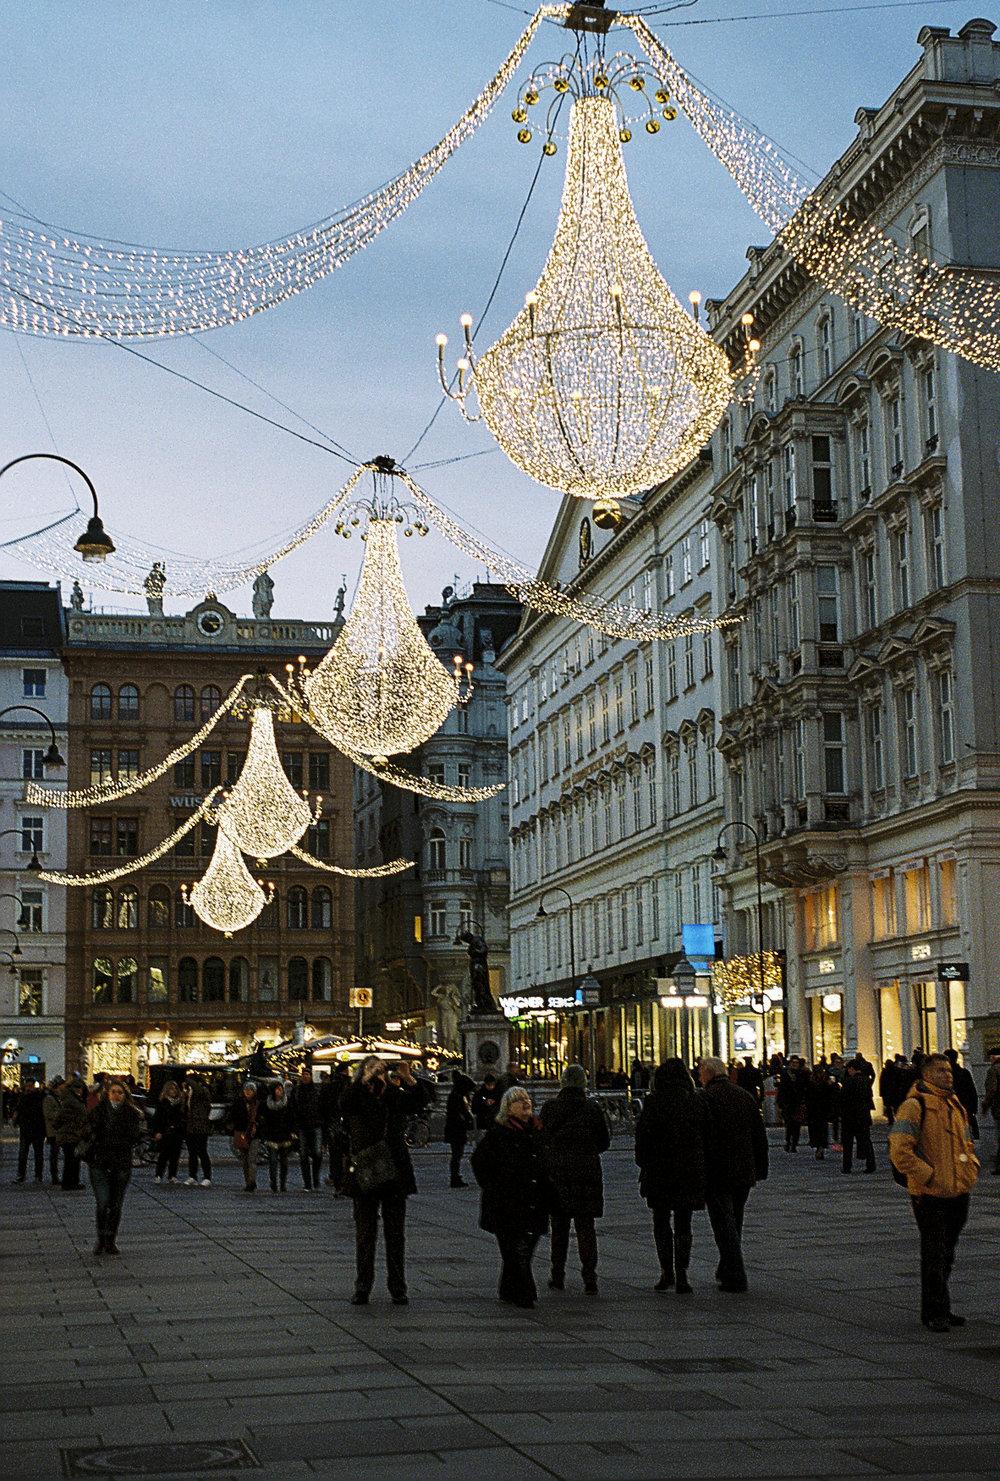 Stephansplatz in Vienna.